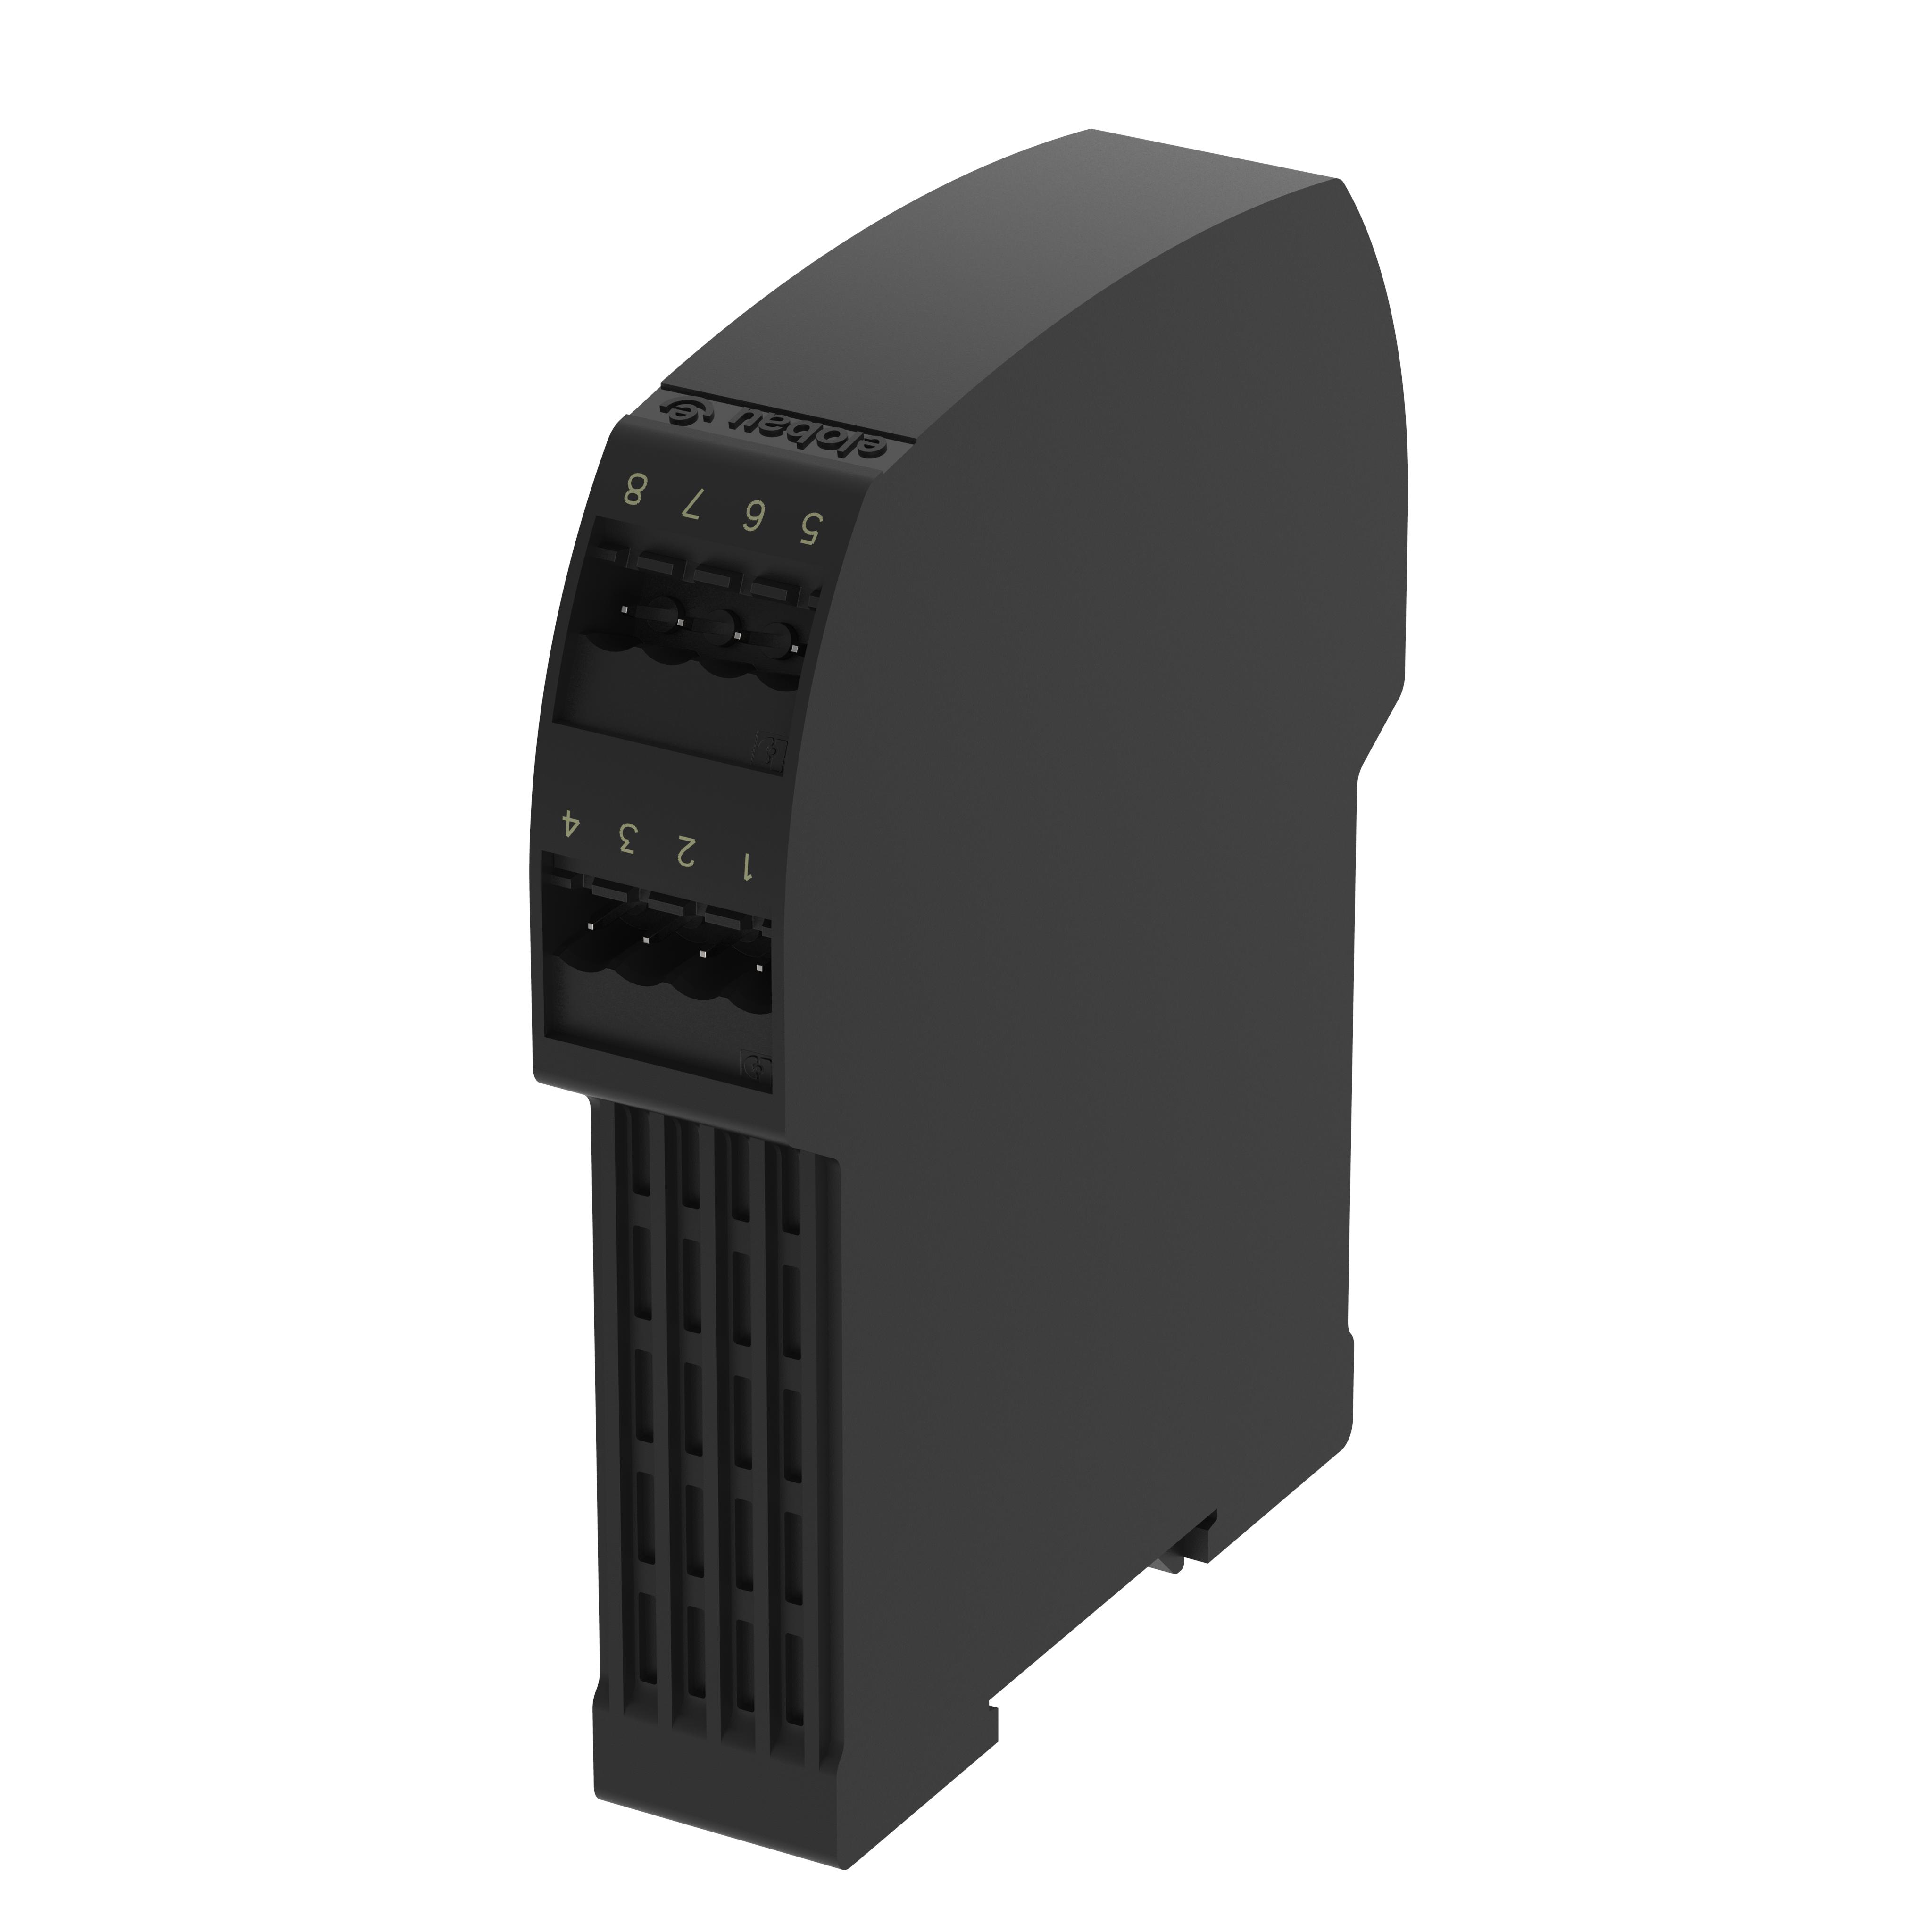 Konfigurierbare Sicherheitssysteme - eloFlex Mini - 470EFR2D12K0025